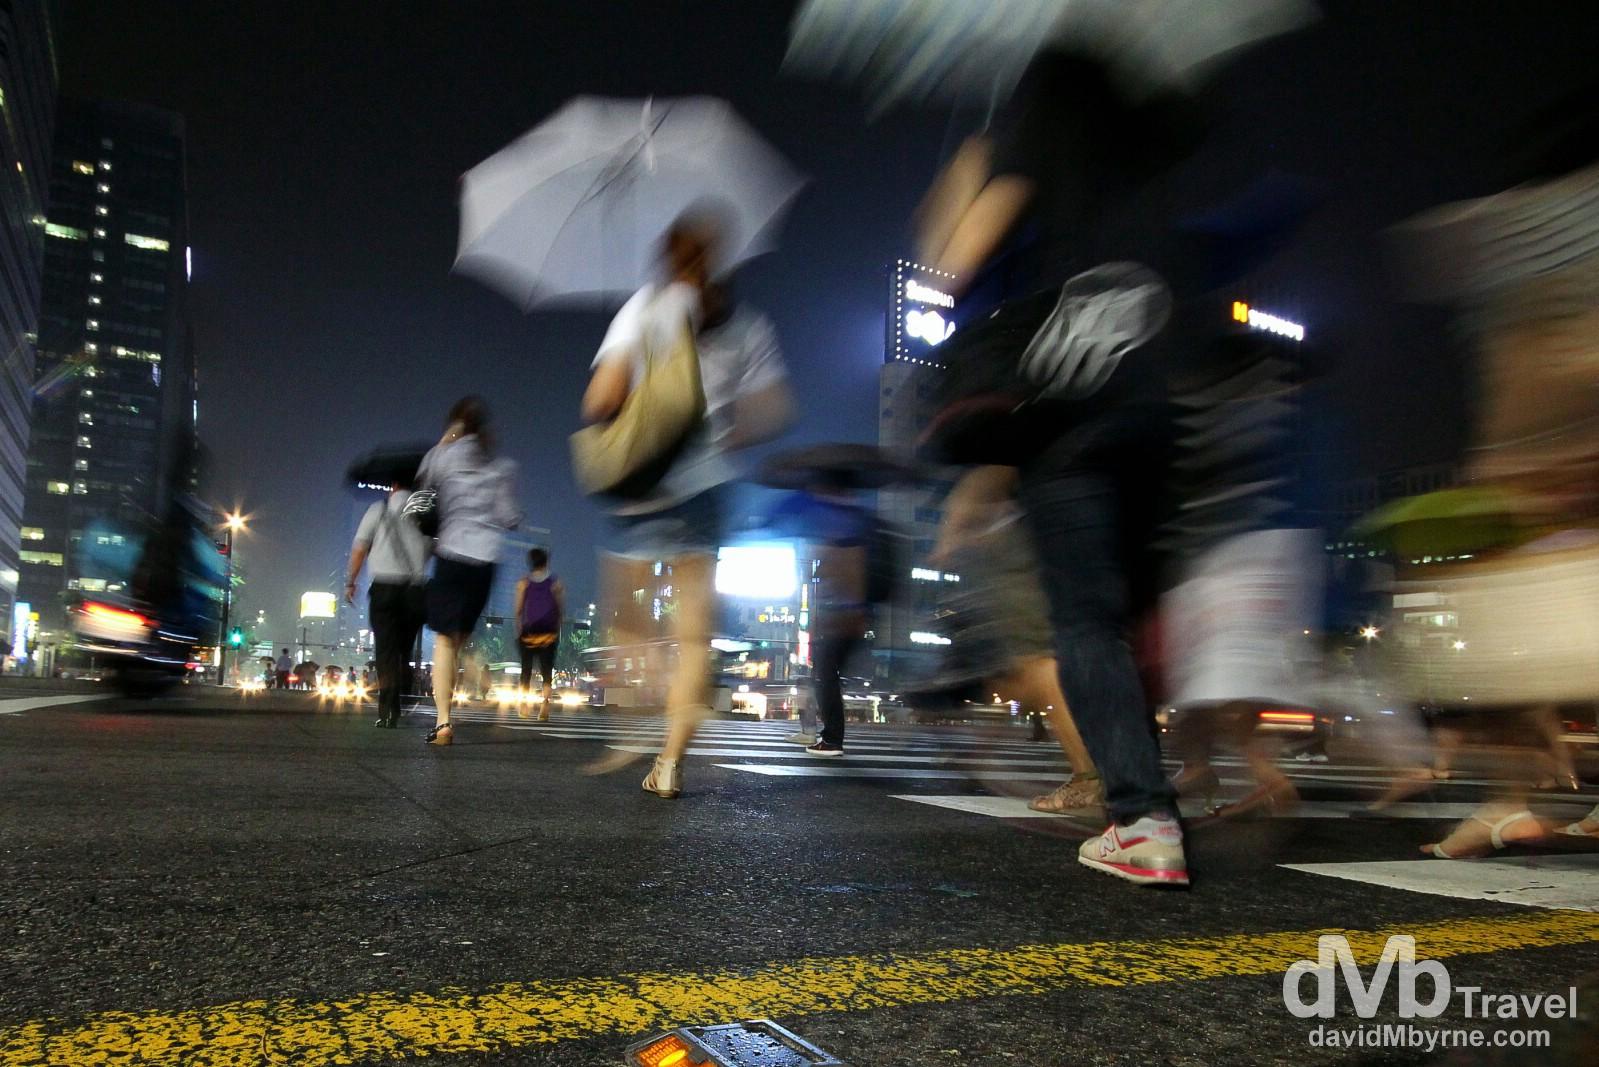 Crossing the road in light rain in Jongno, Seoul, South Korea. July 12th 2012.